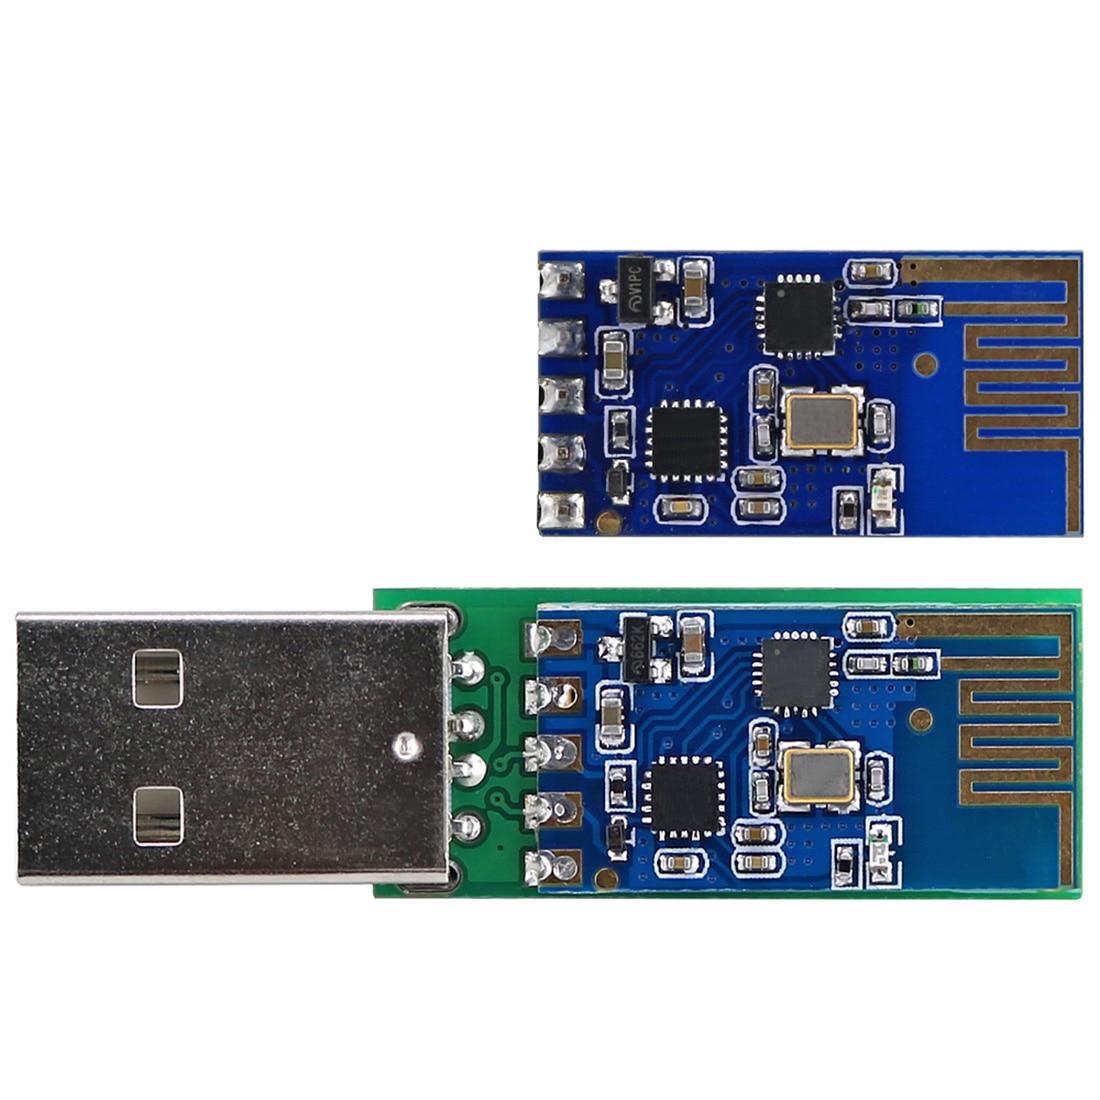 New 2.4G USB Wireless Serial Programmer / Debugger Kit For Arduino